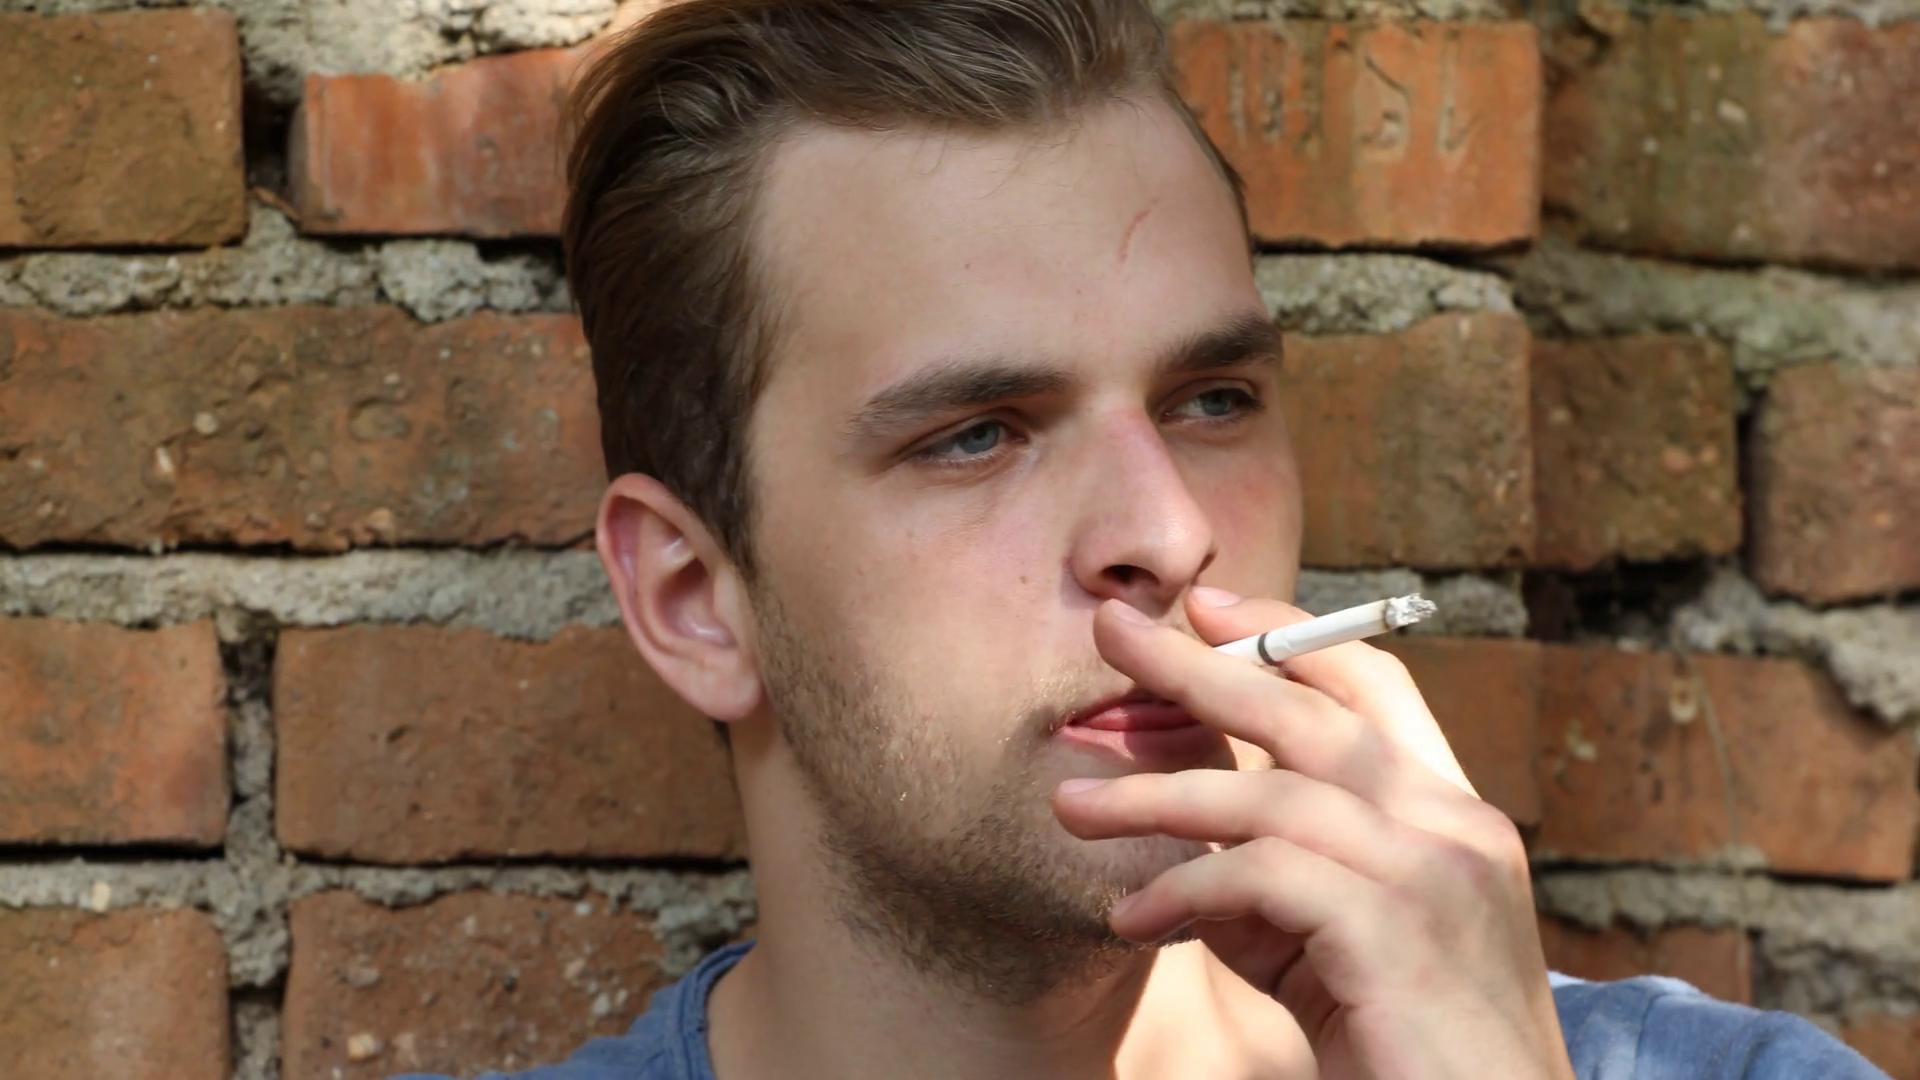 Smoking person photo